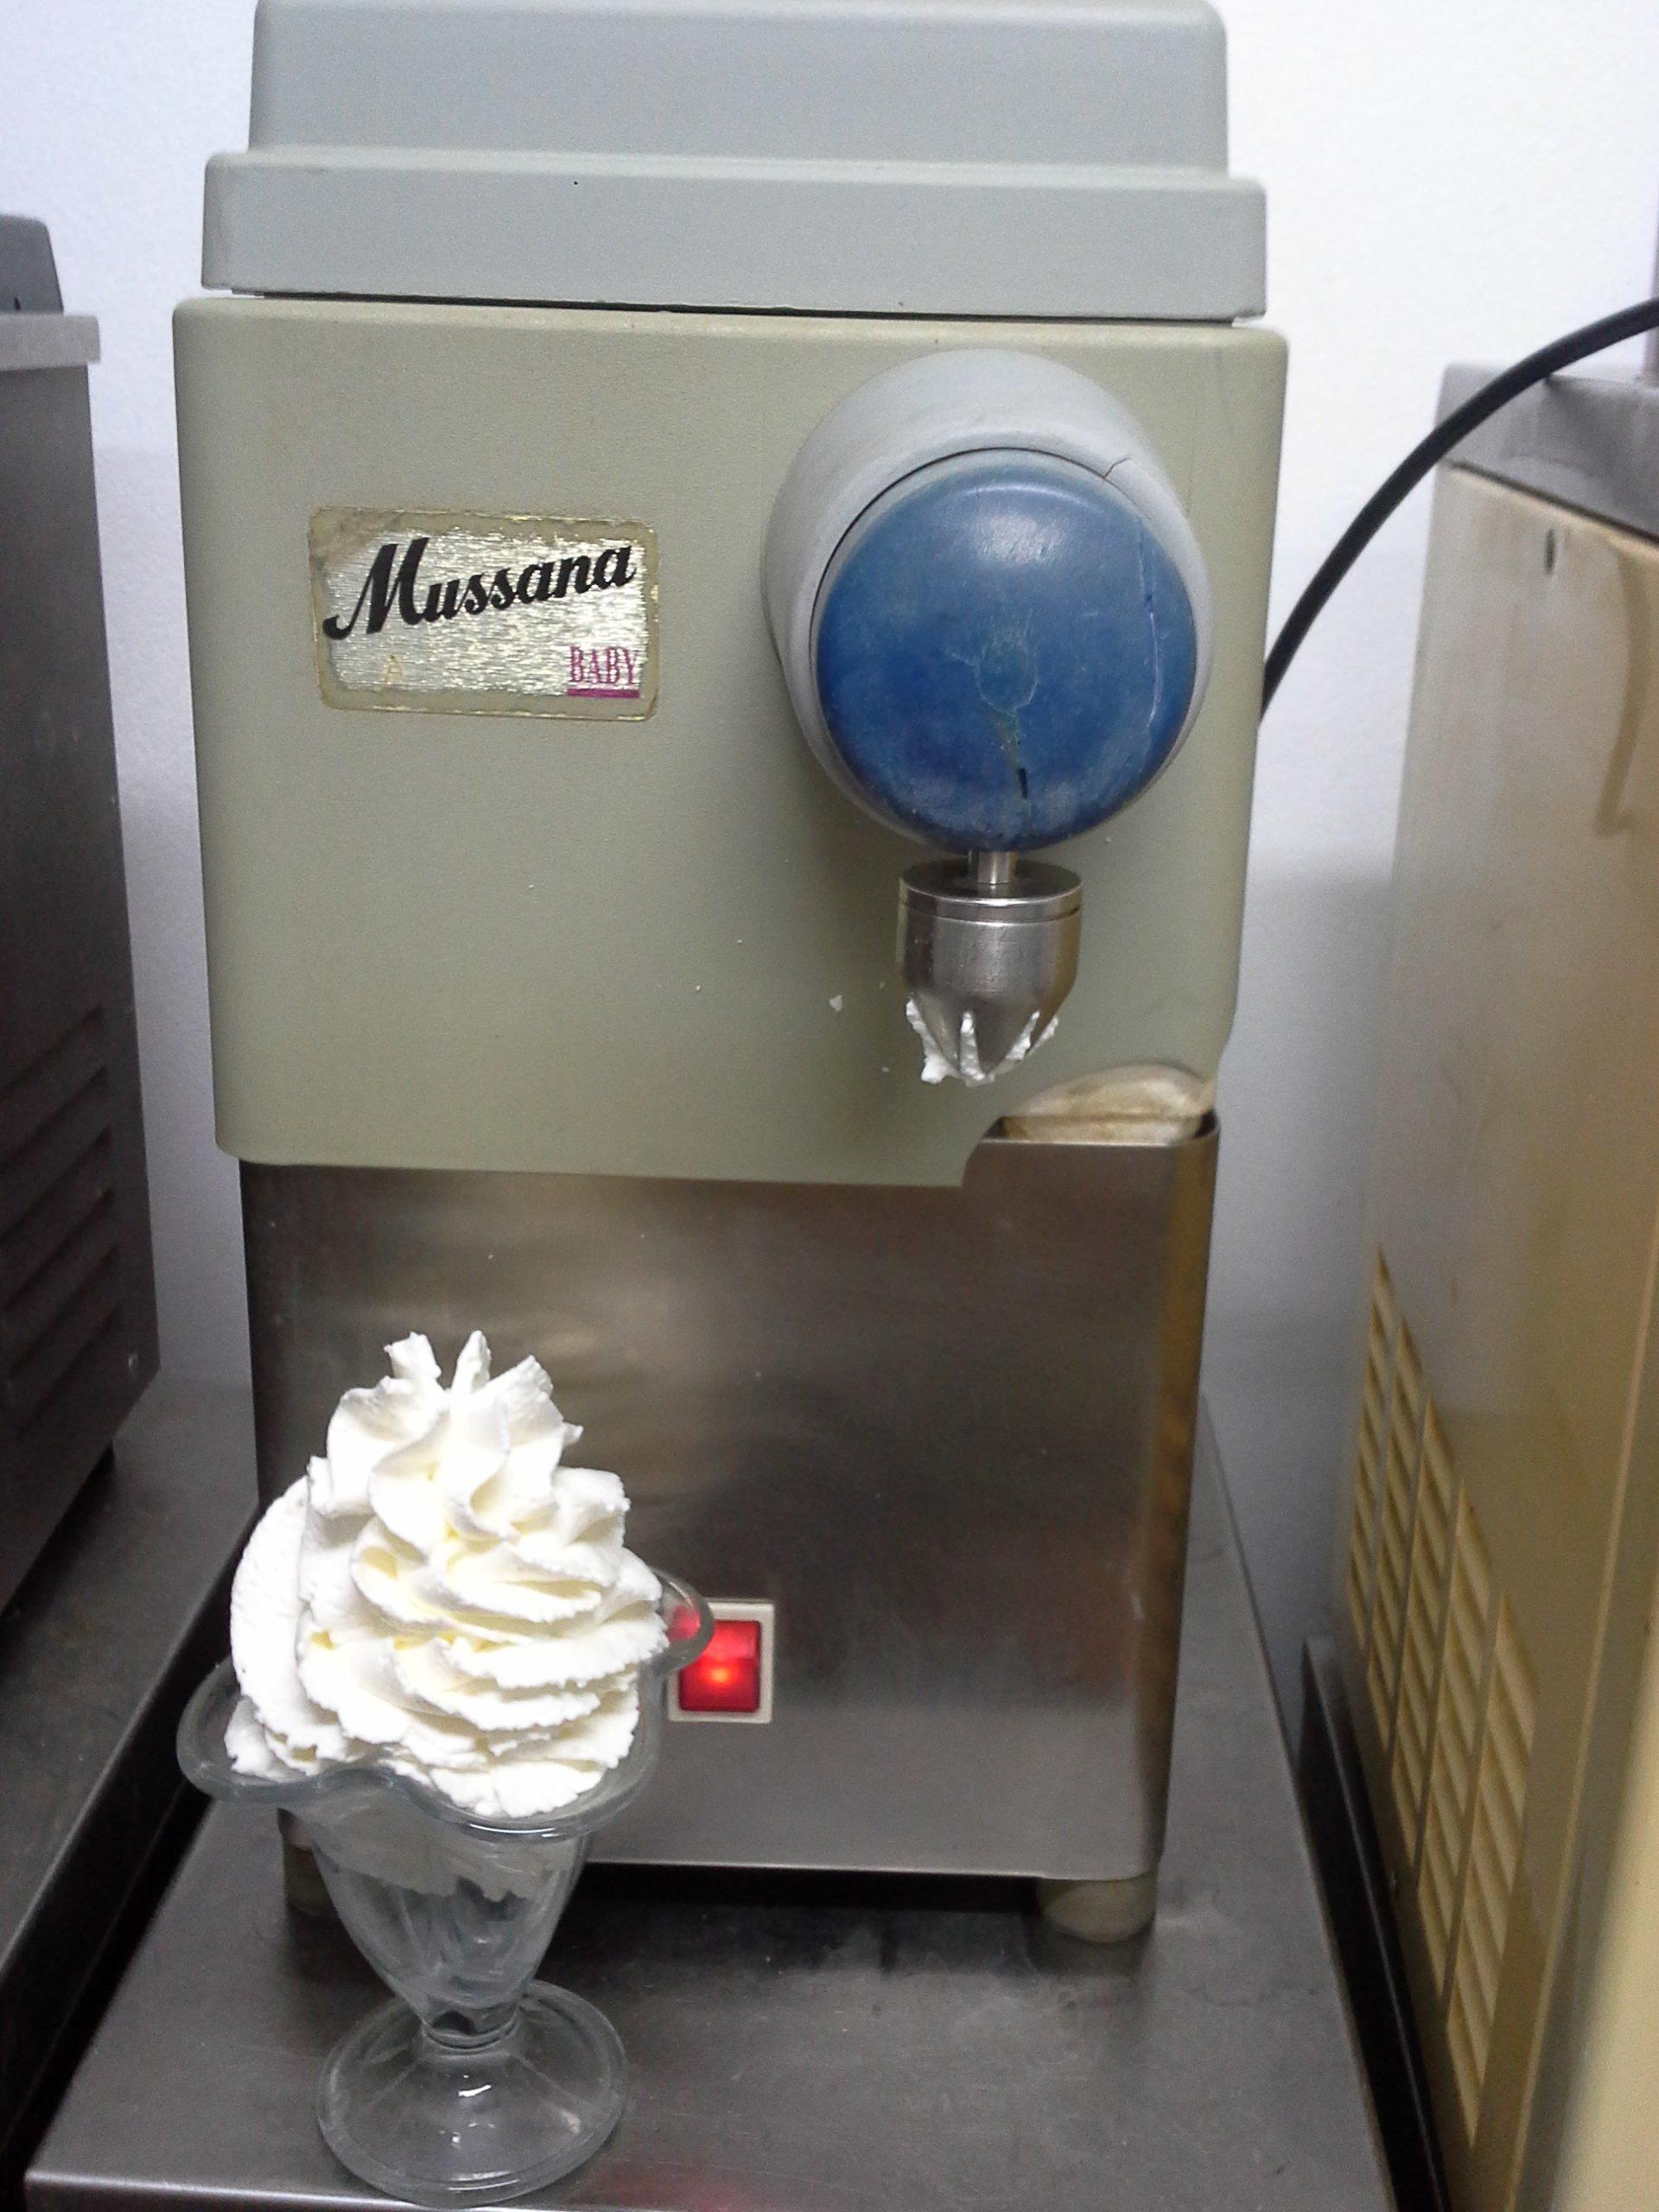 Inne rodzaje Automat,maszyna do bitej śmietany Mussana Baby - 7555206747 LU06